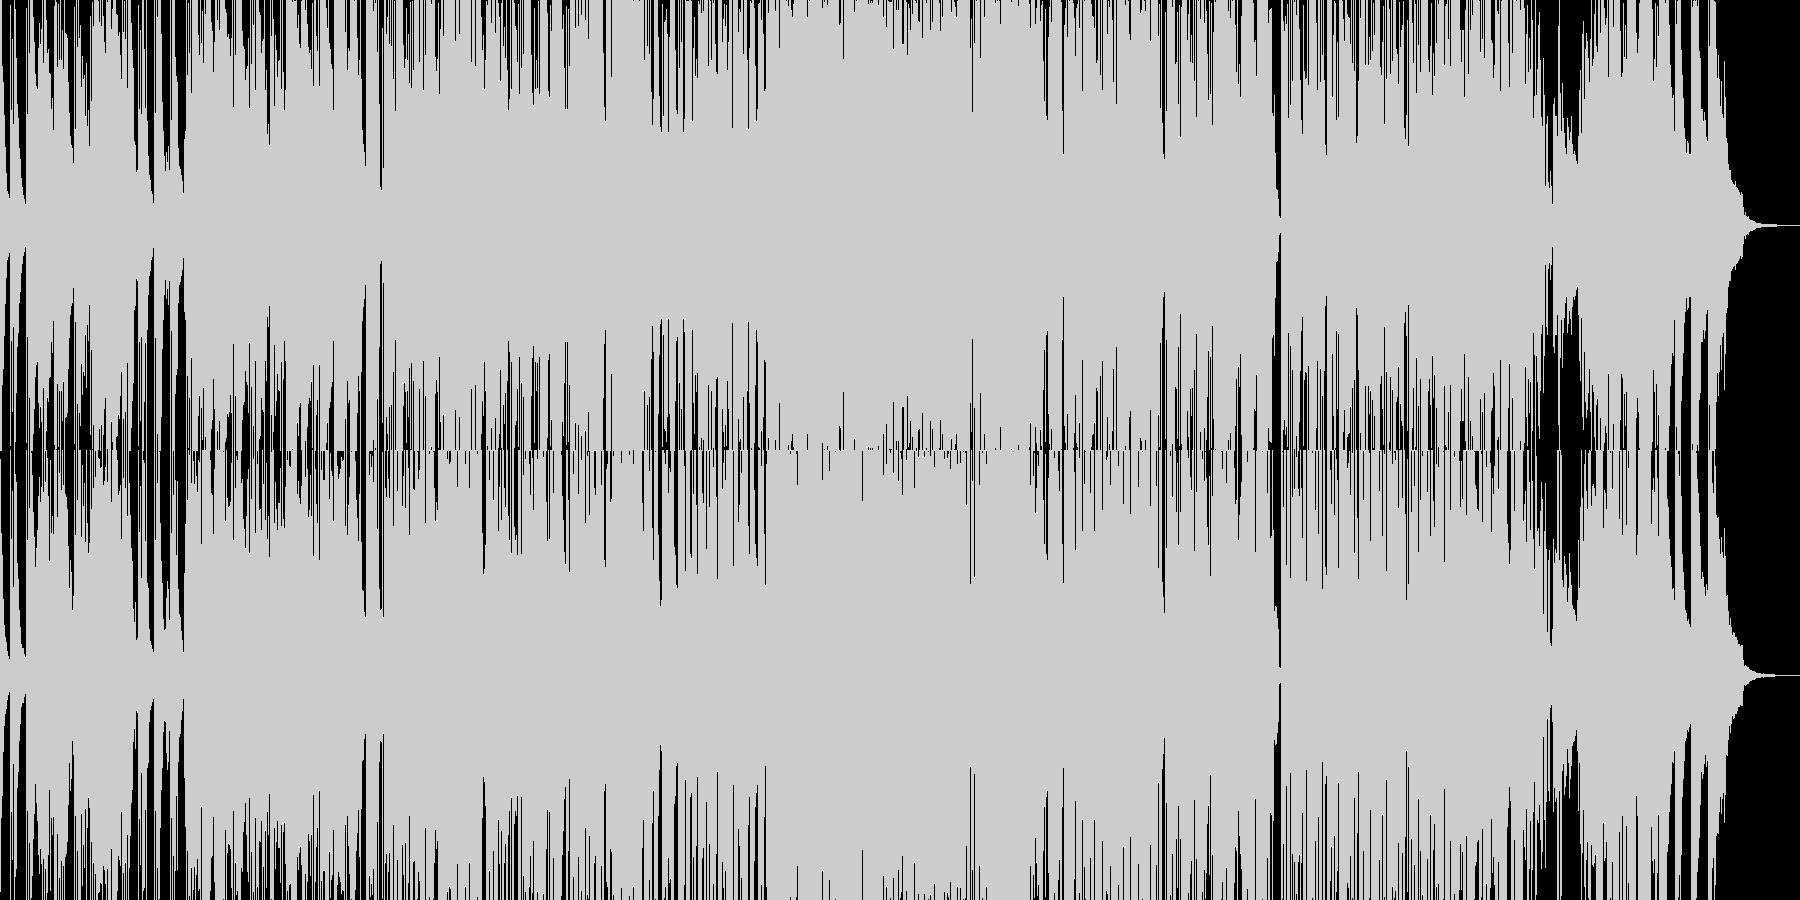 落ち着いたジャジーなサウンドの未再生の波形